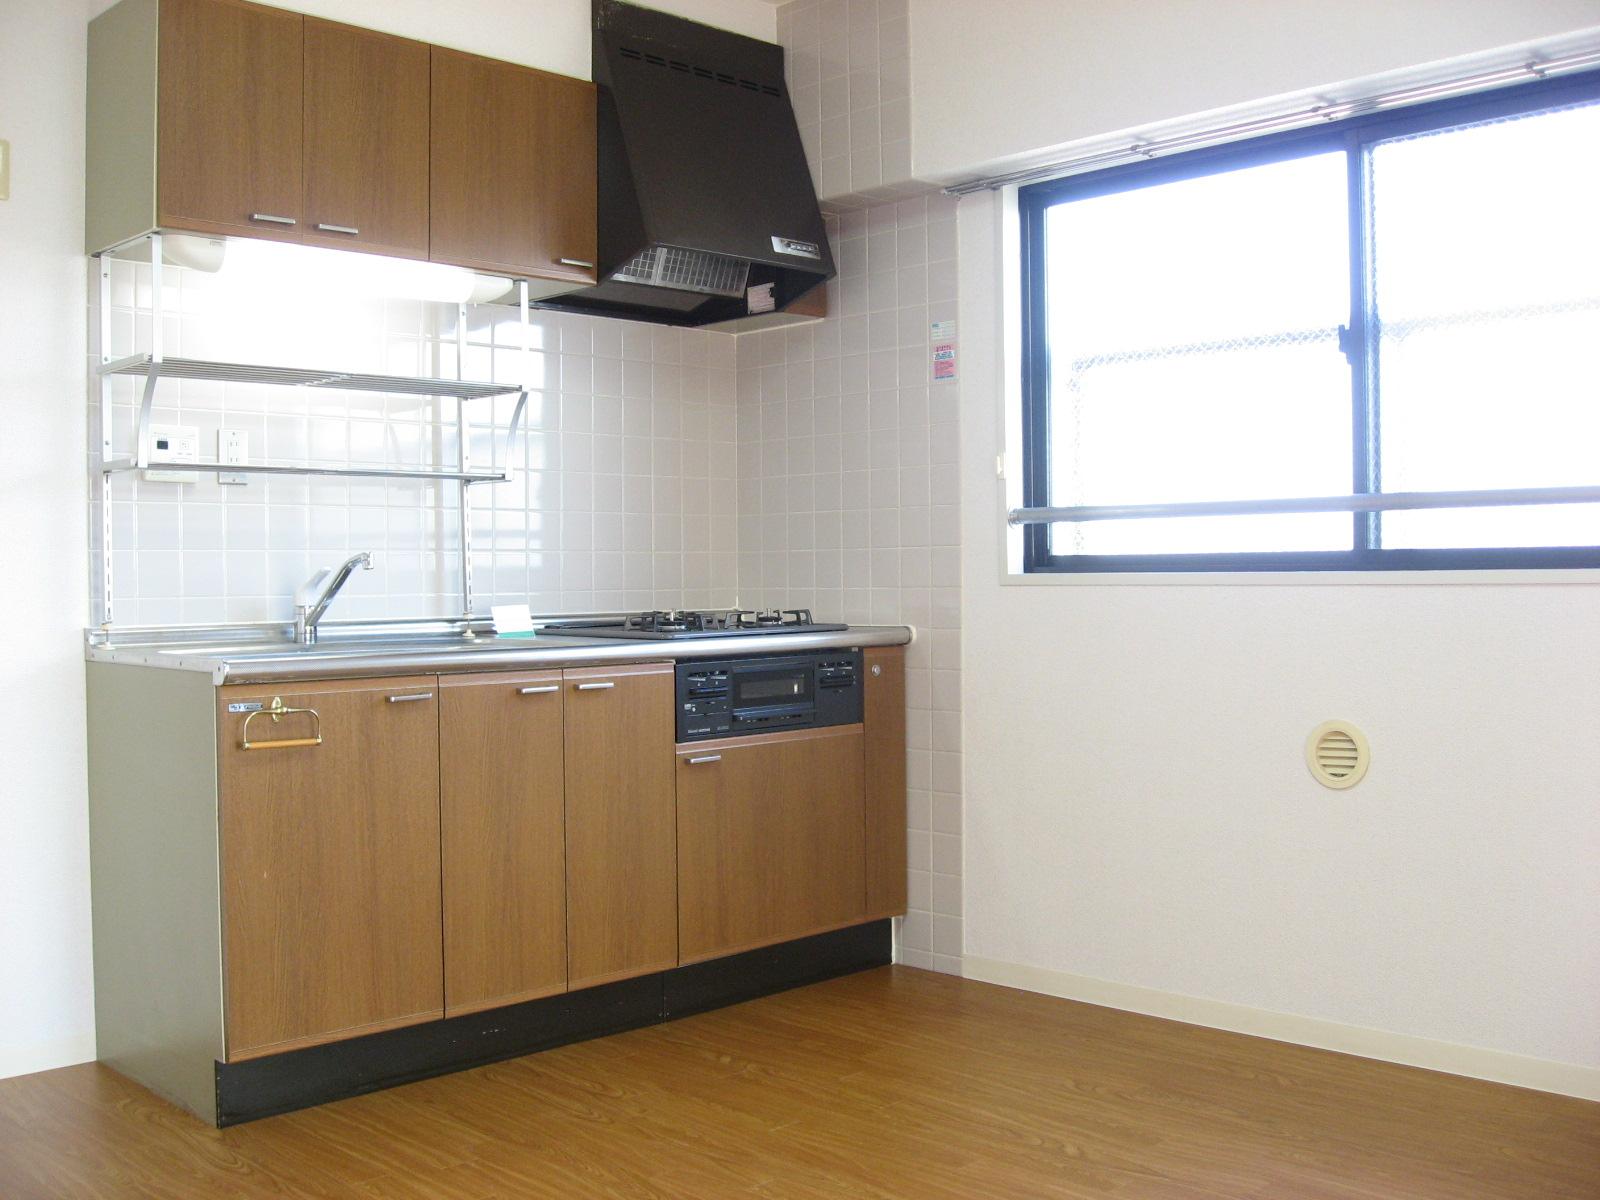 キッチン システムキッチンで料理も楽しく!横に窓があり臭いもこもらず!